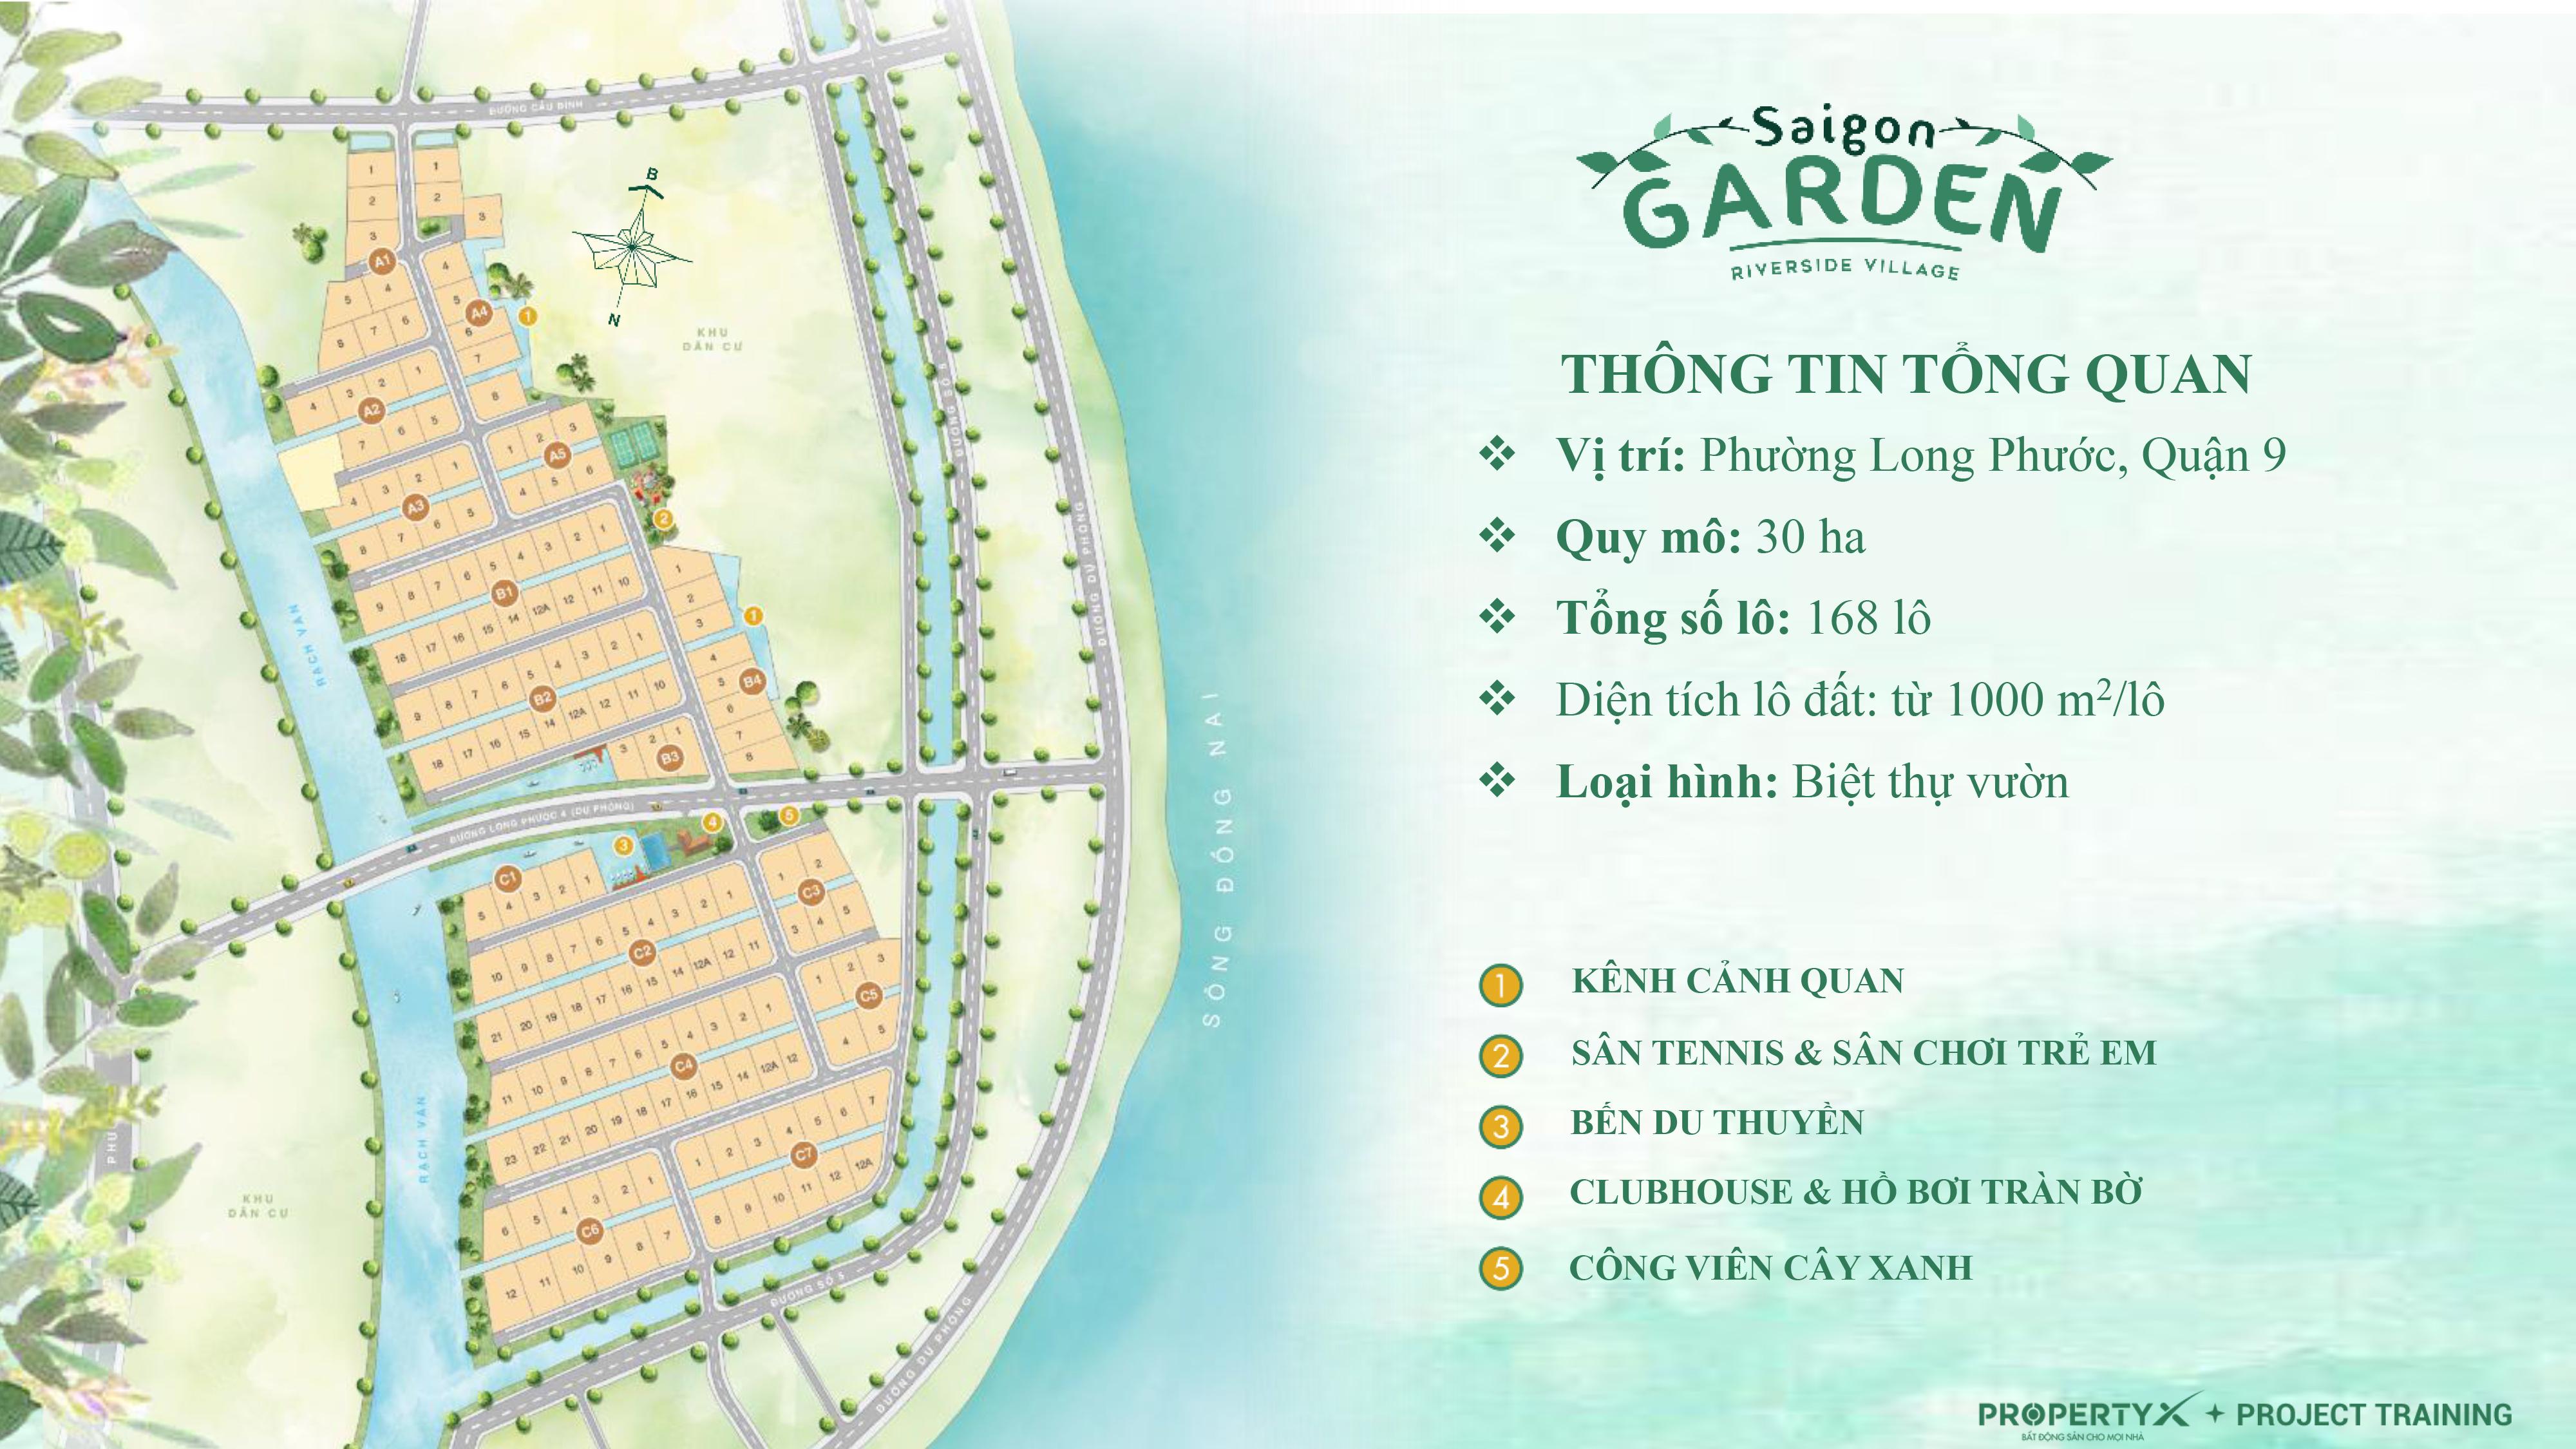 Mặt bằng Biệt thự Saigon Garden Riverside Village